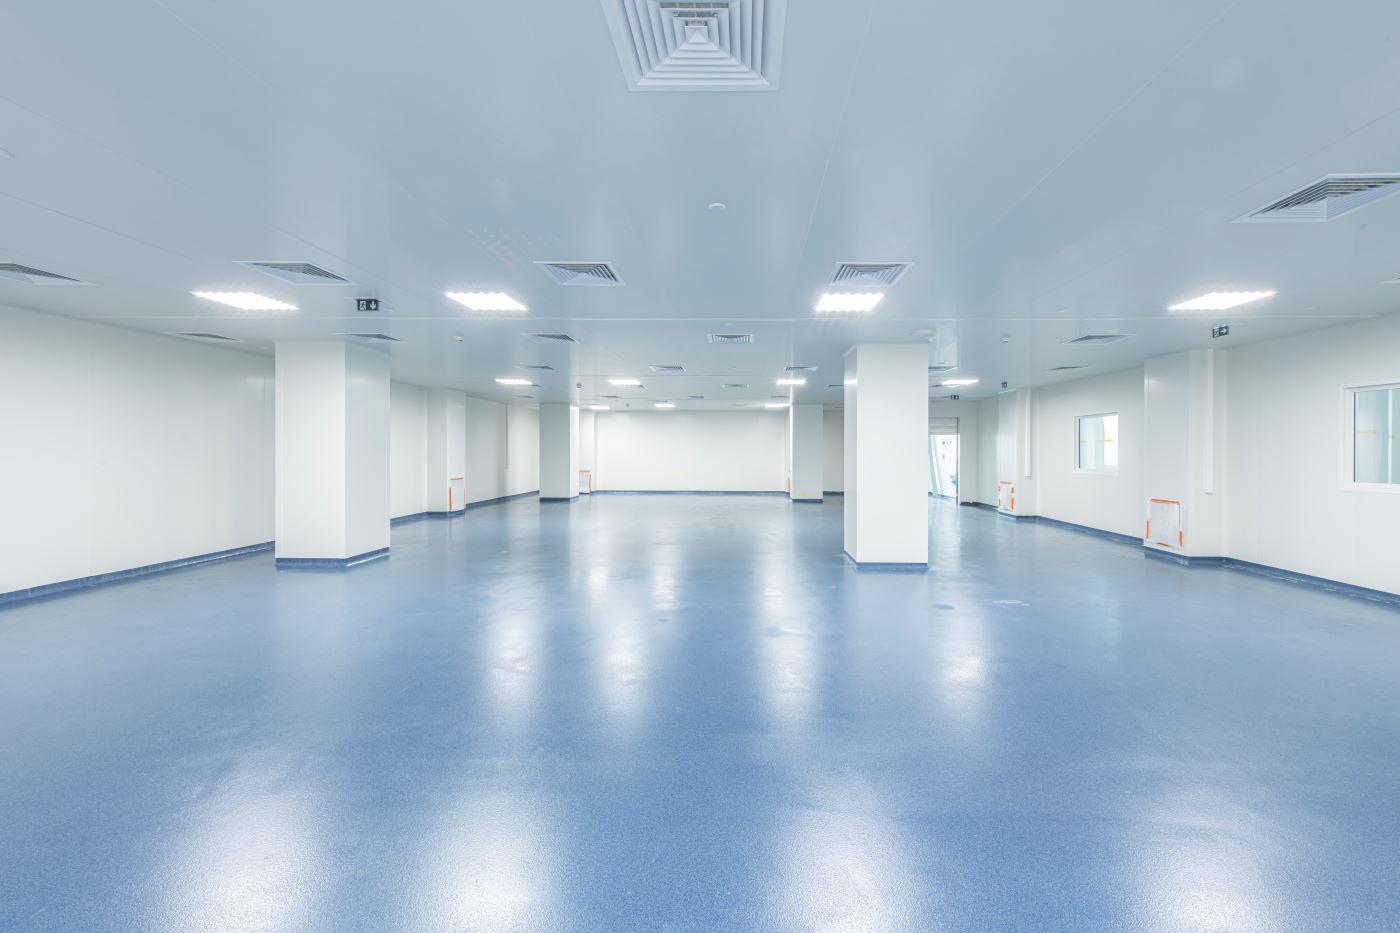 salle blanche pour le LFB Arras